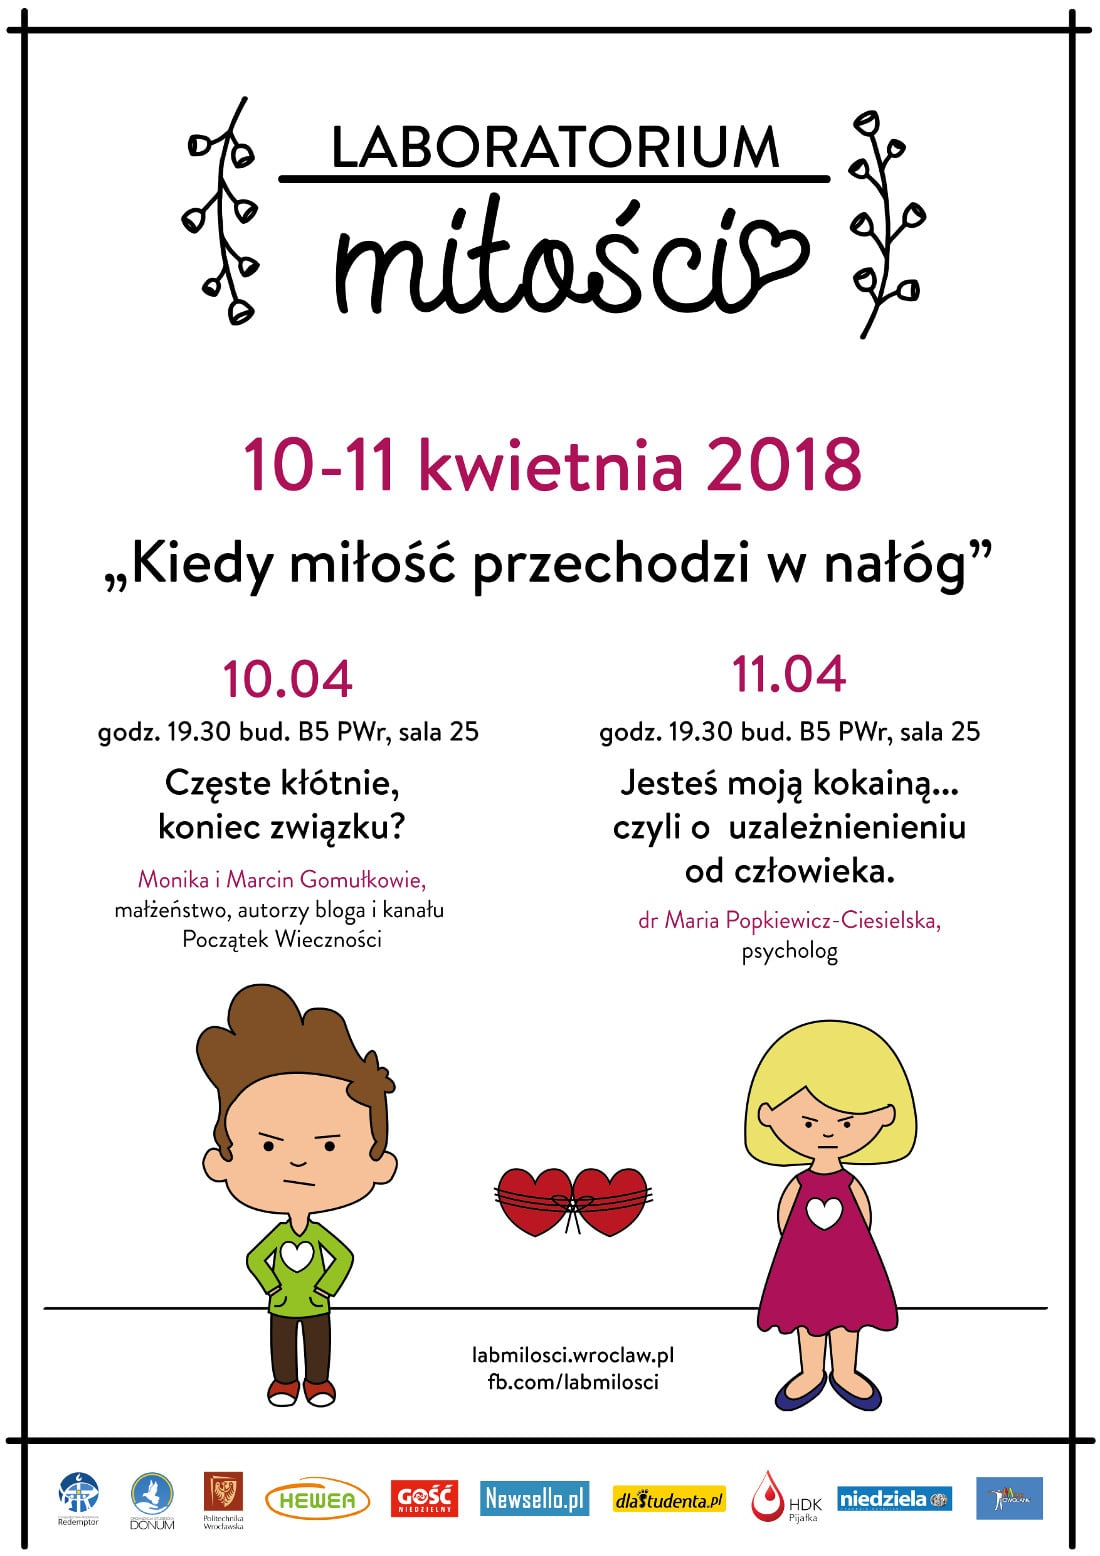 Konferencja odbędzie się w dniach 10-11 kwietnia 2018 roku.